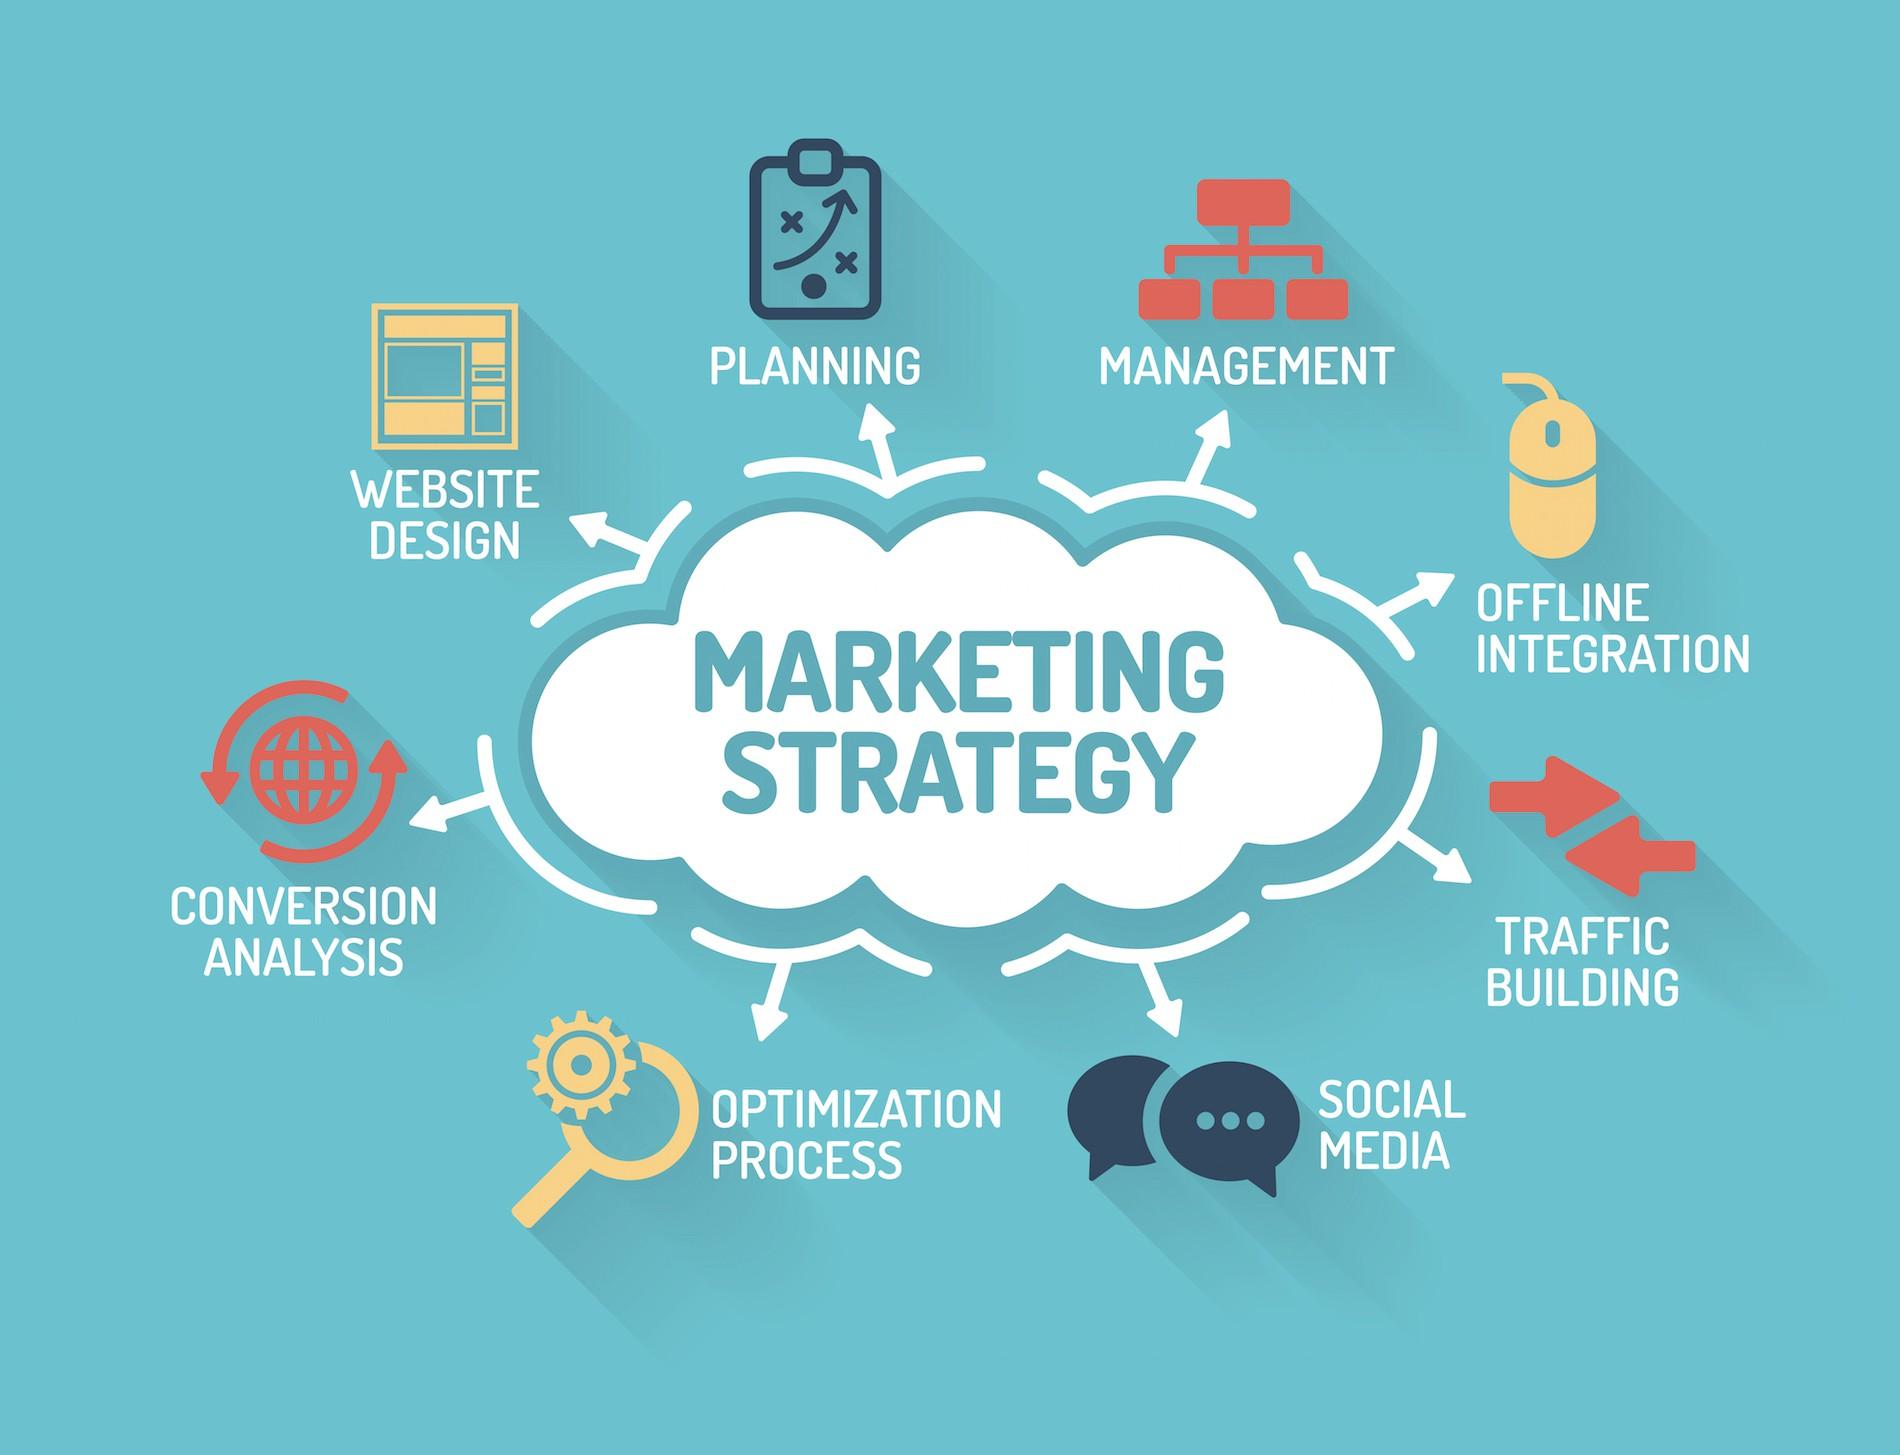 Các bước lập kế hoạch marketing hiệu quả nhất hiện nay